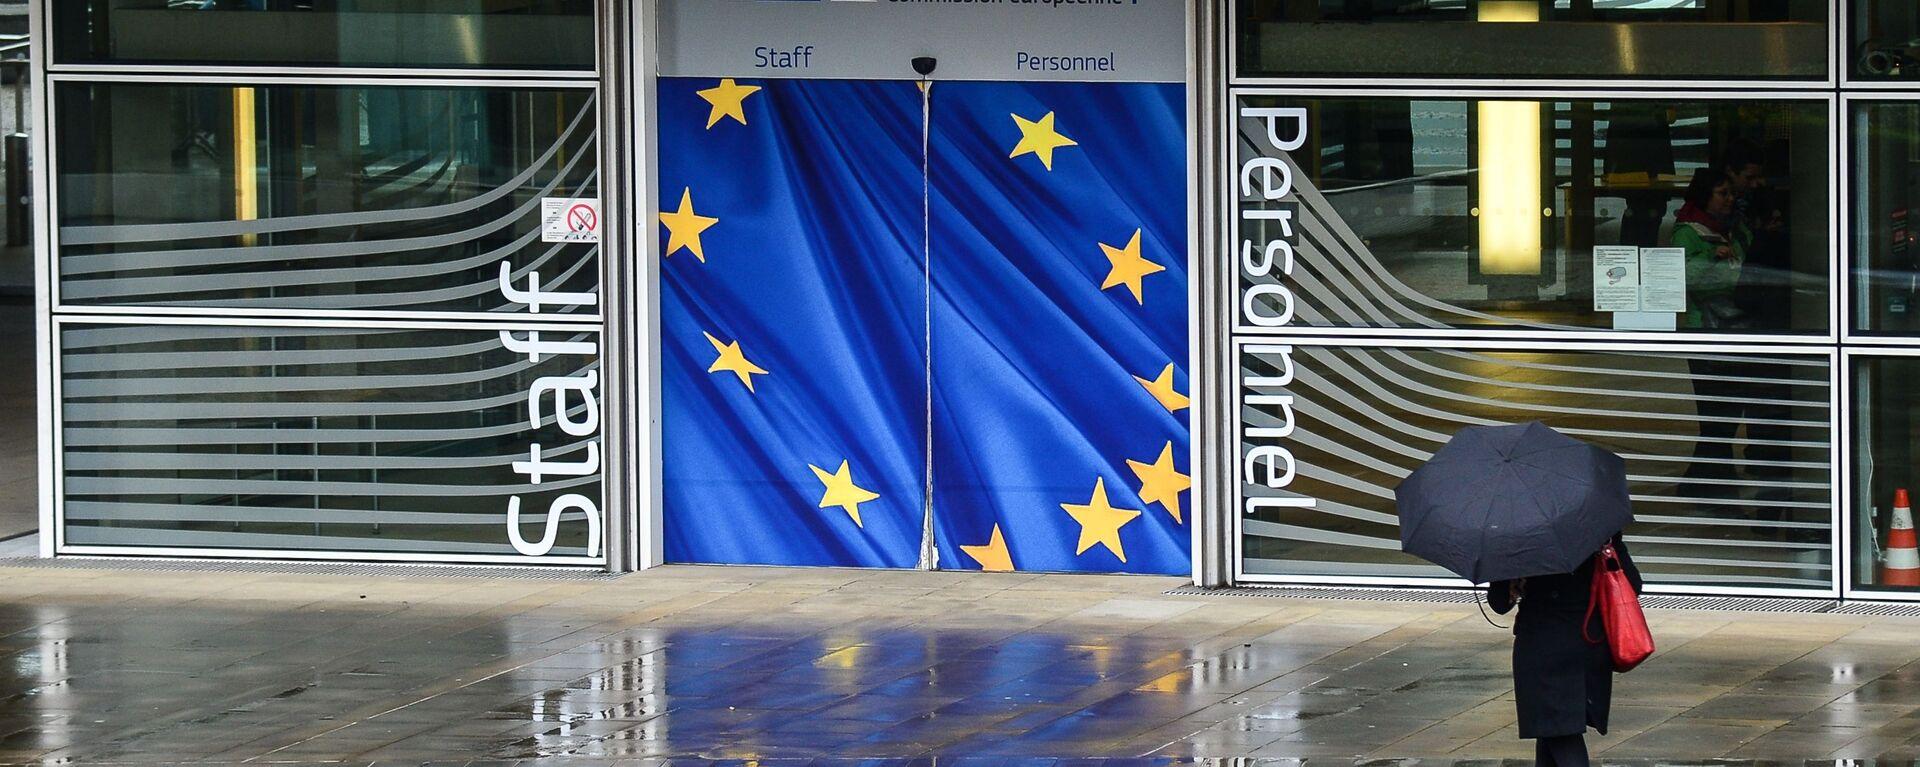 Вход в здание Еврокомиссии в Брюсселе - Sputnik Latvija, 1920, 28.04.2021